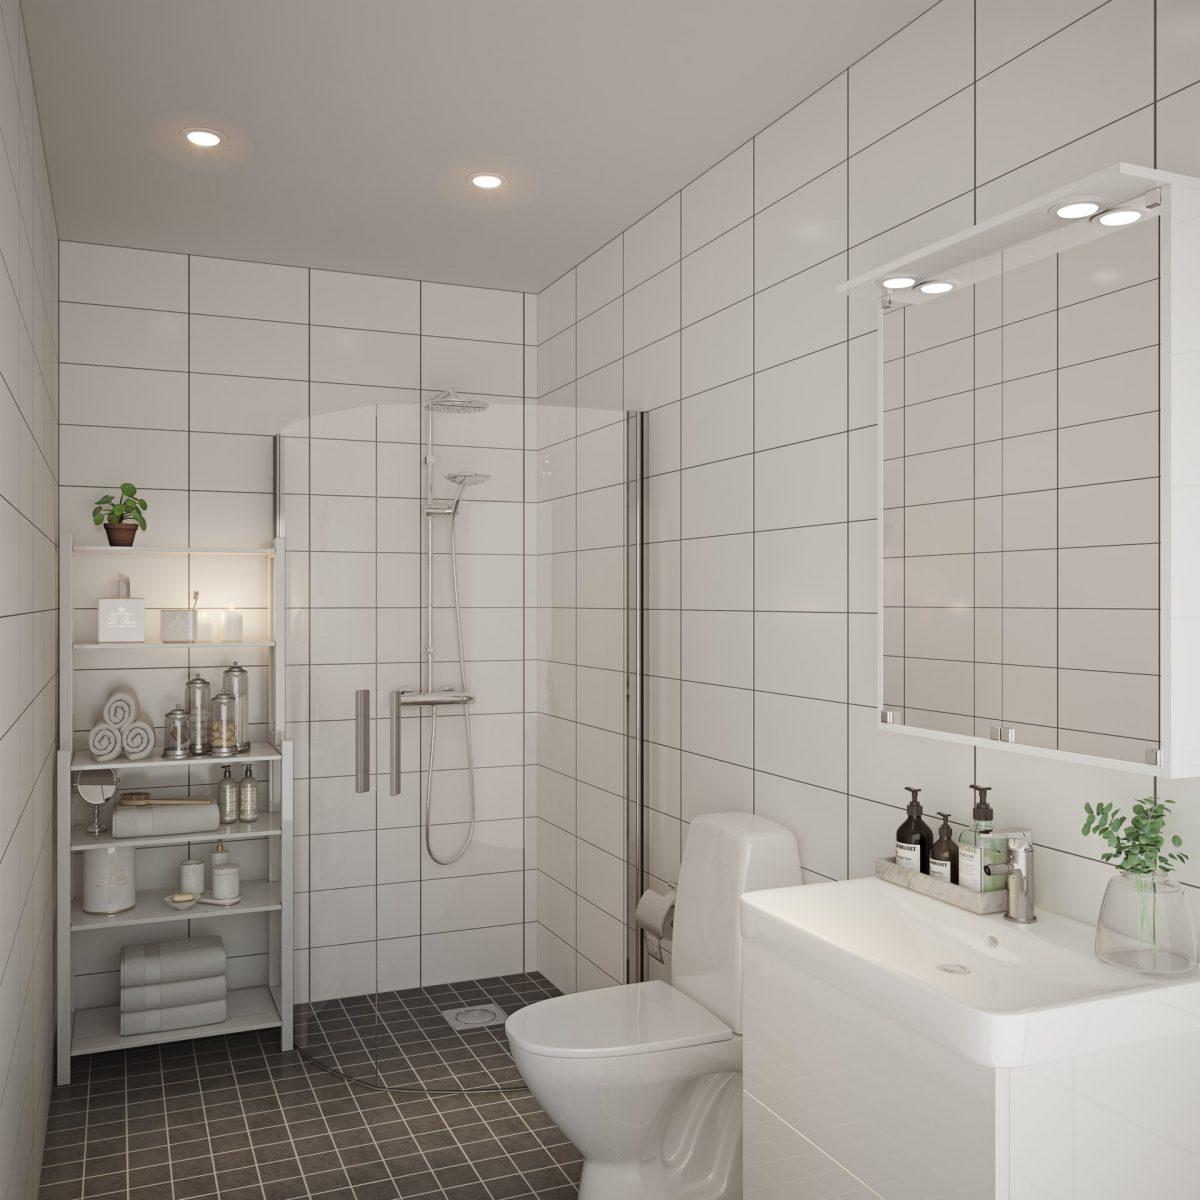 Badrummen är helkaklade med infällda spottar